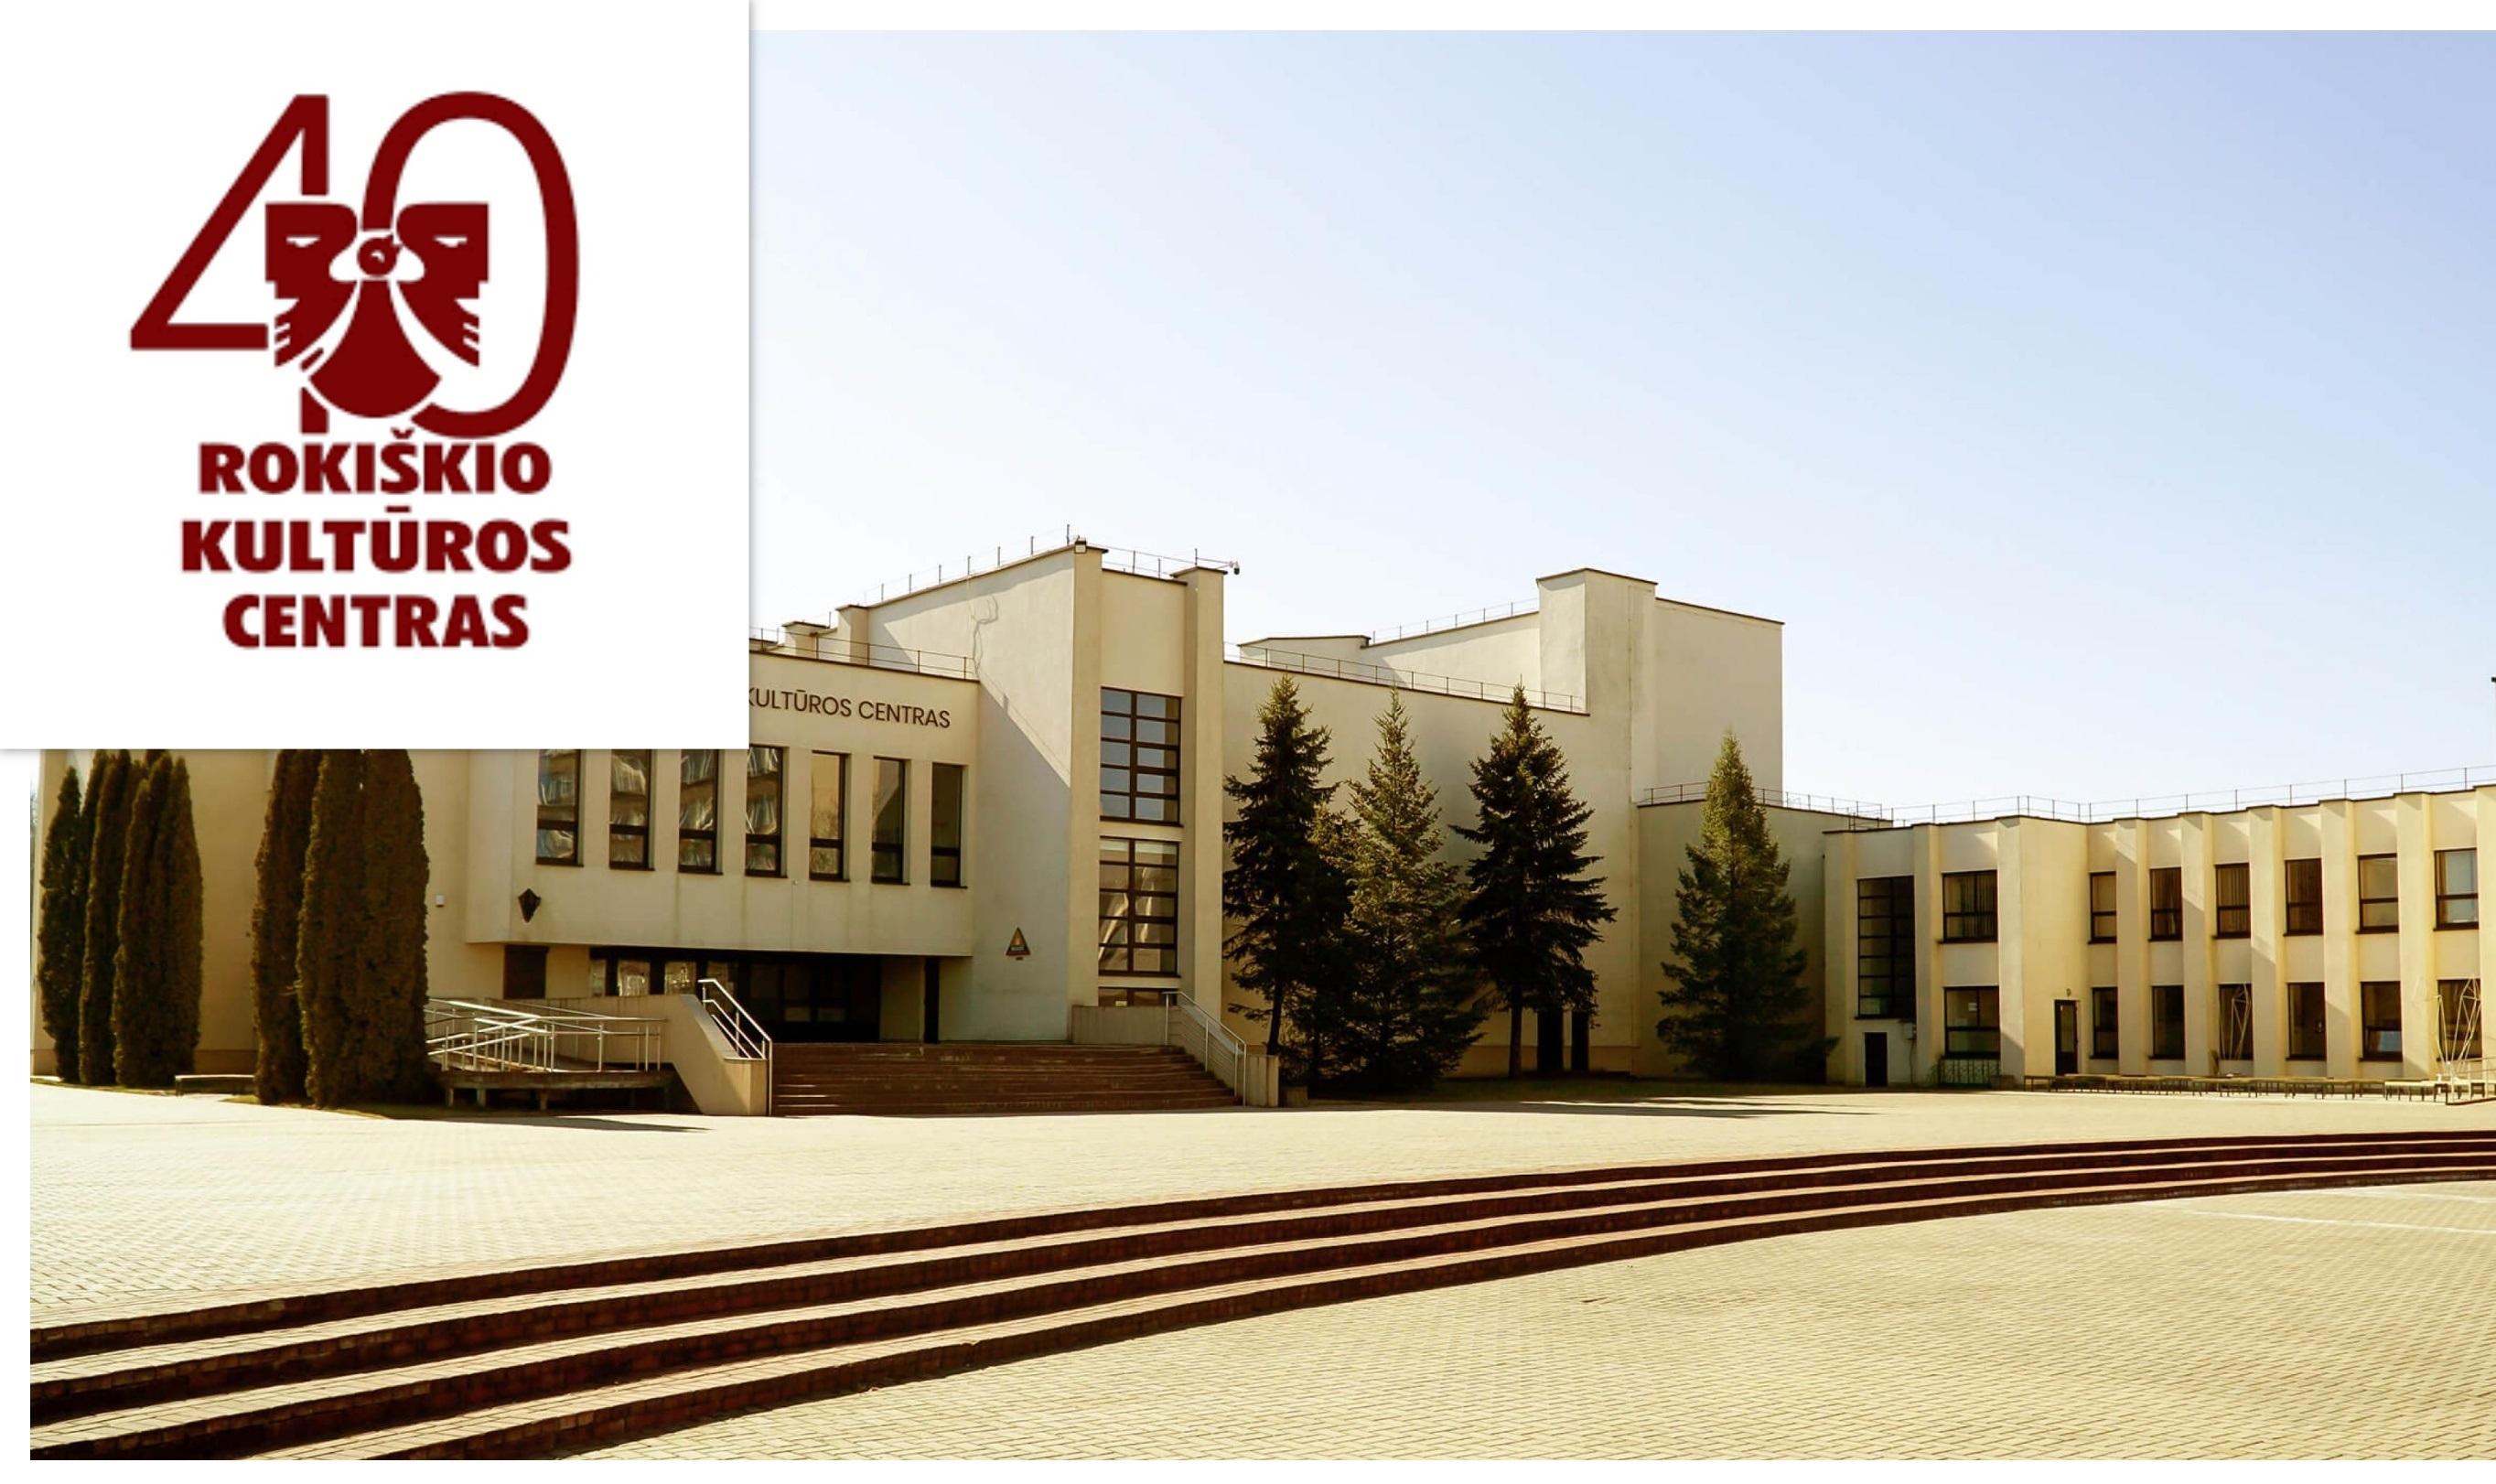 Rokiškio kultūros centro 40 metų jubiliejus